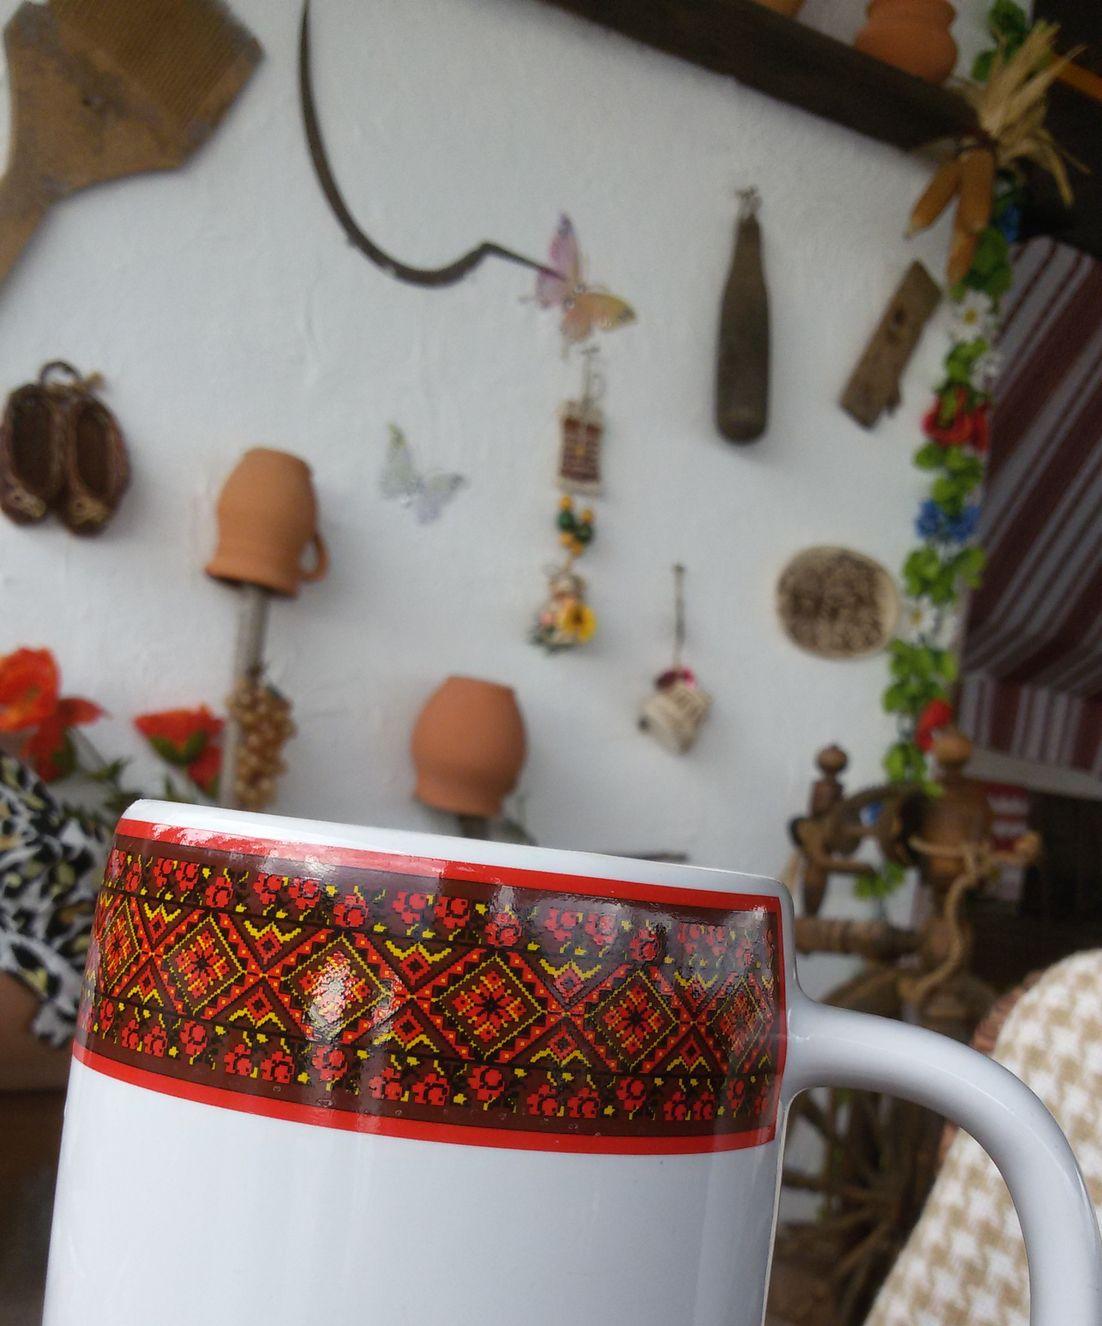 Кафе Хуторок в Малореченском - украинская кухня, вежливый и внимательный персонал